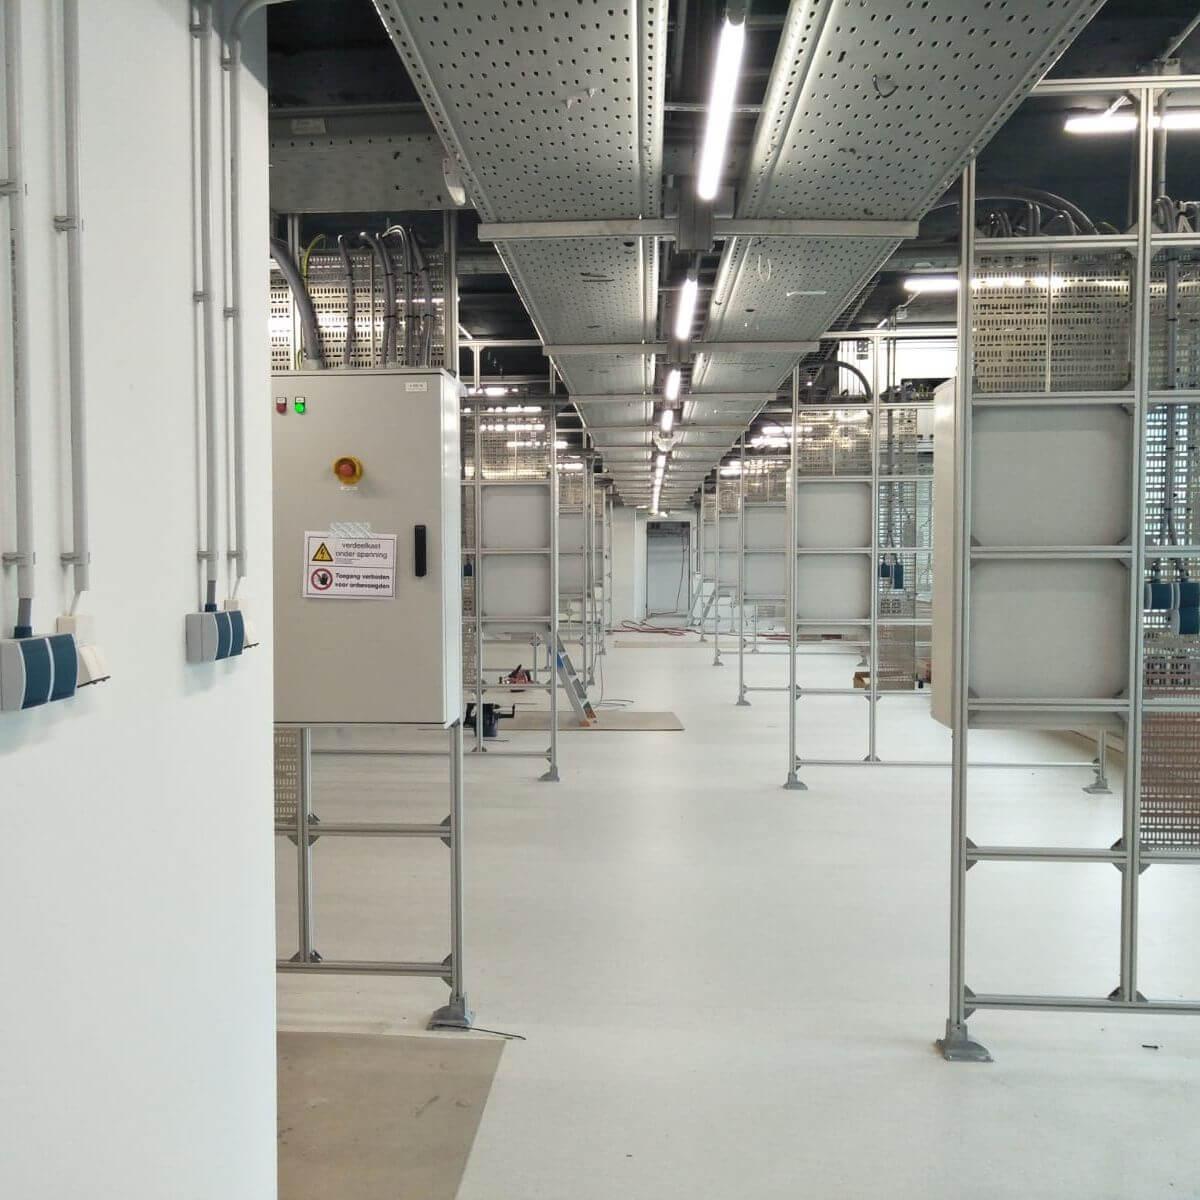 Cleanrooms &amp; laboratoria<em>Onderhoudsvrije armaturen met een zeer lange levensduur zijn van groot belang voor de continuïteit binnen een gecontroleerde omgeving</em>